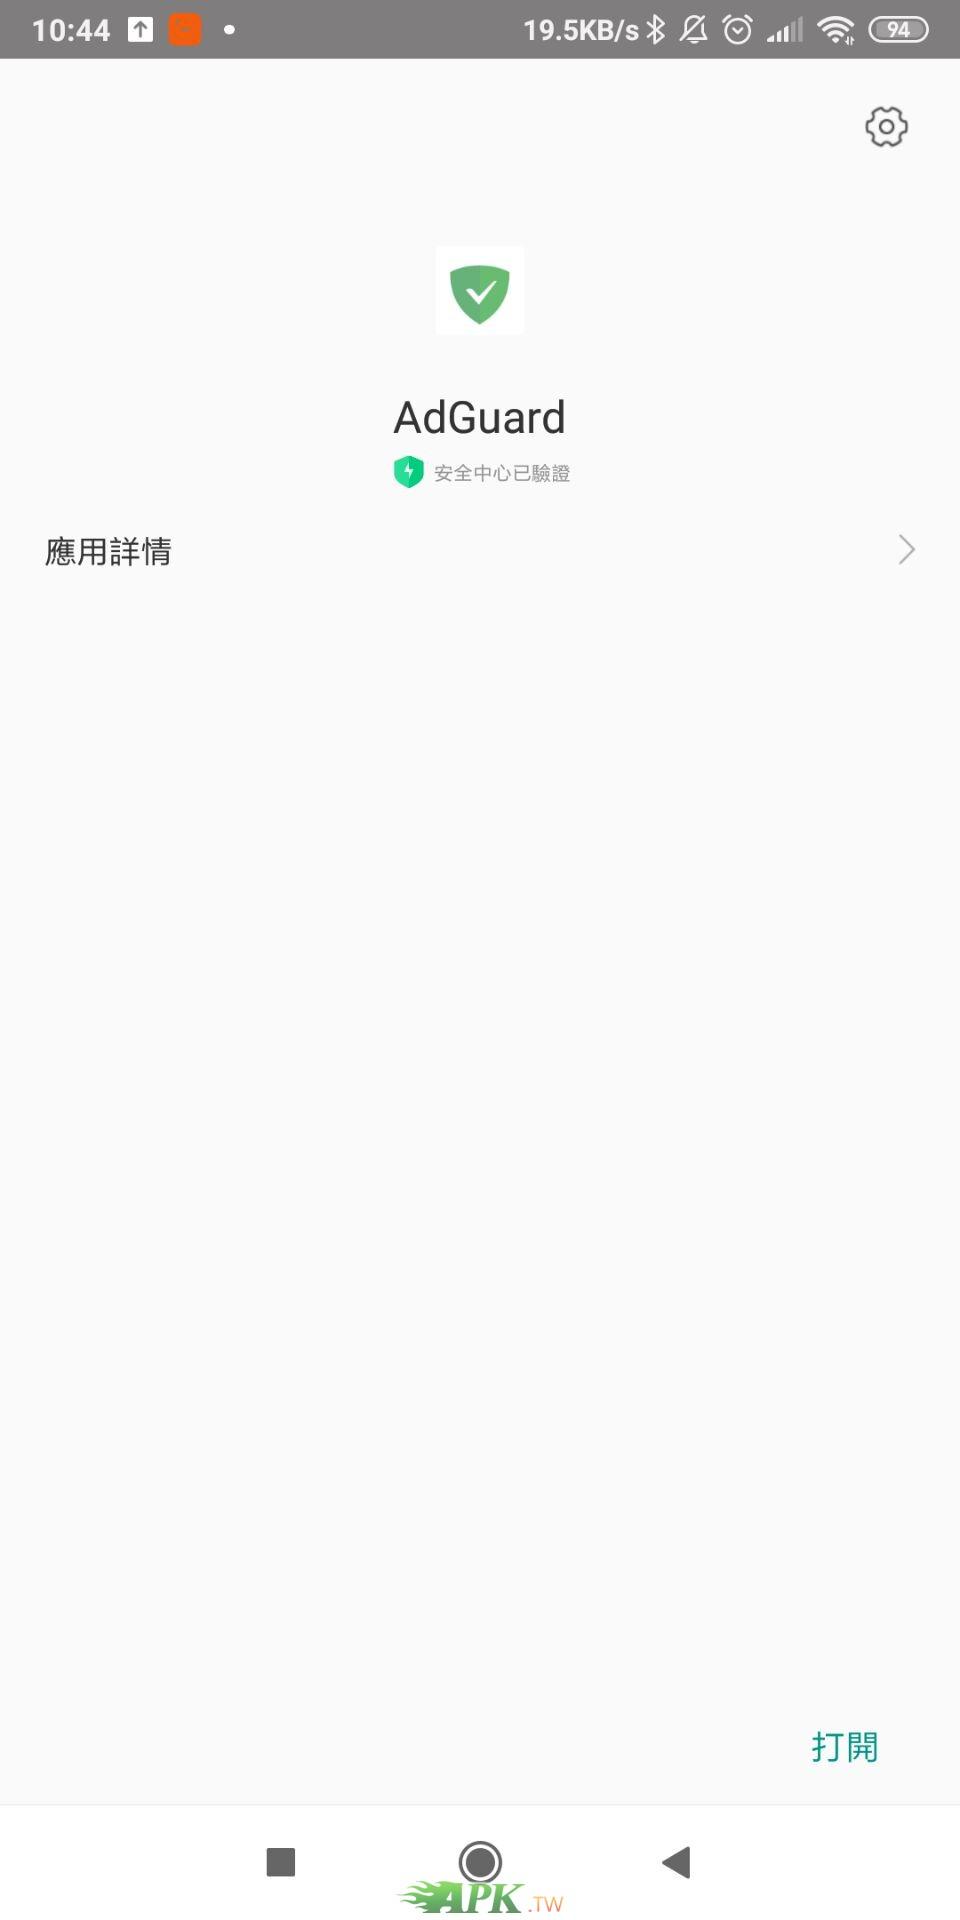 QQ图片20191106104640.jpg